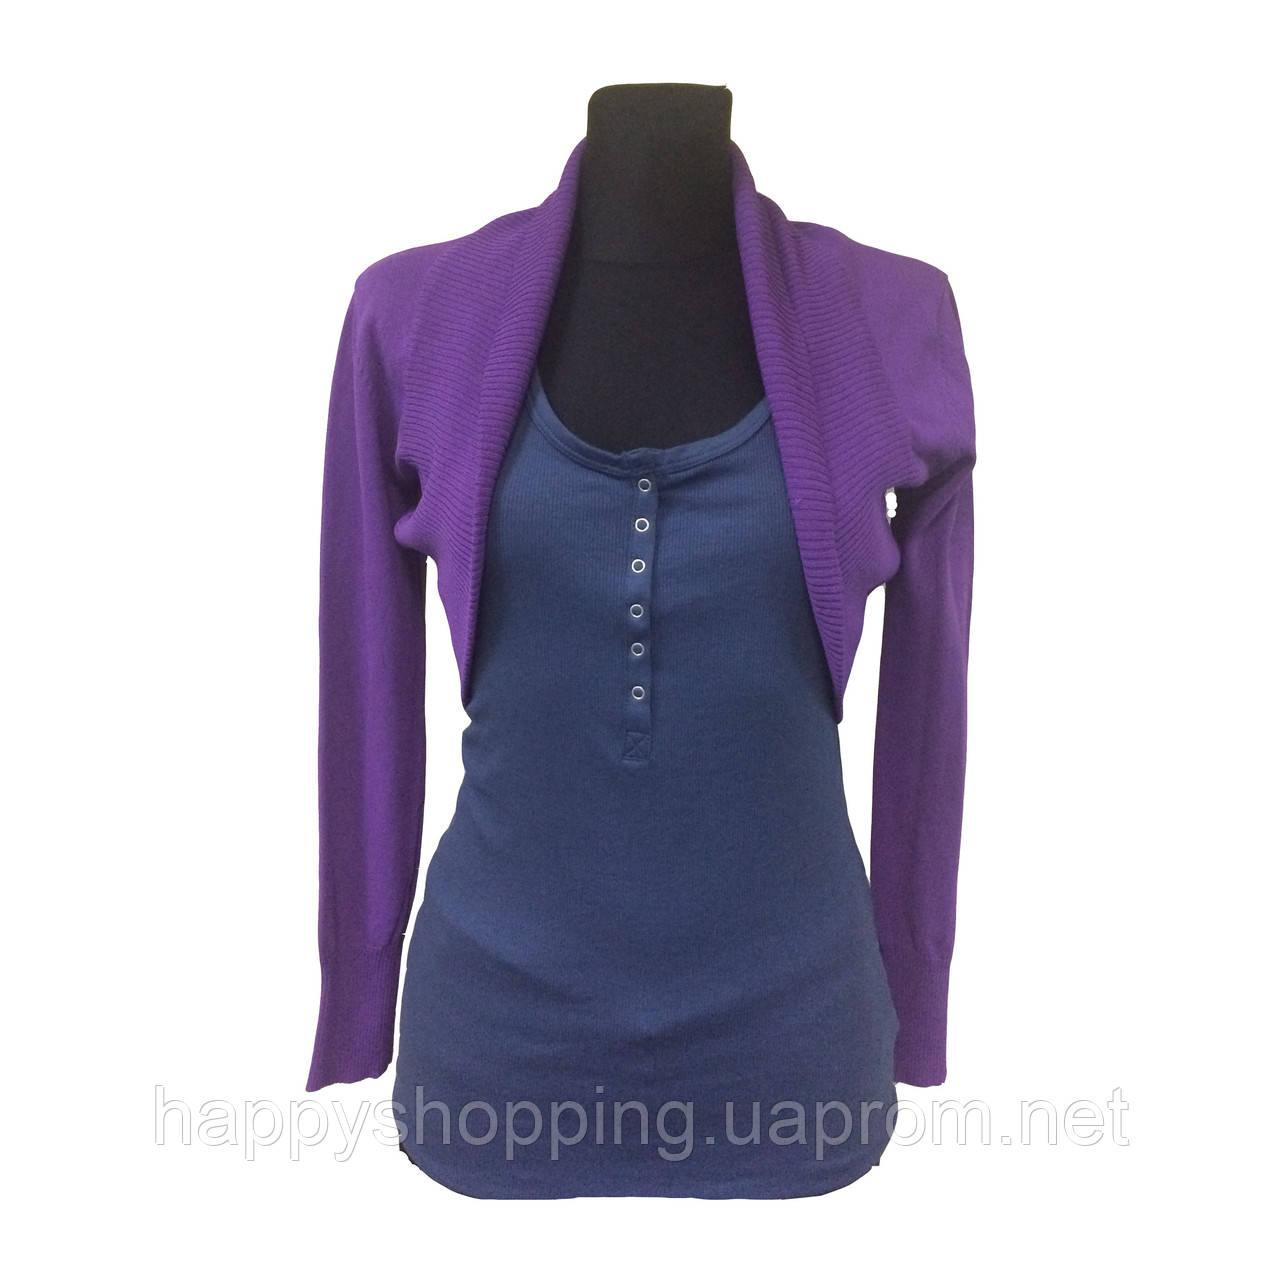 Фиолетовая кофта-накидка Jones